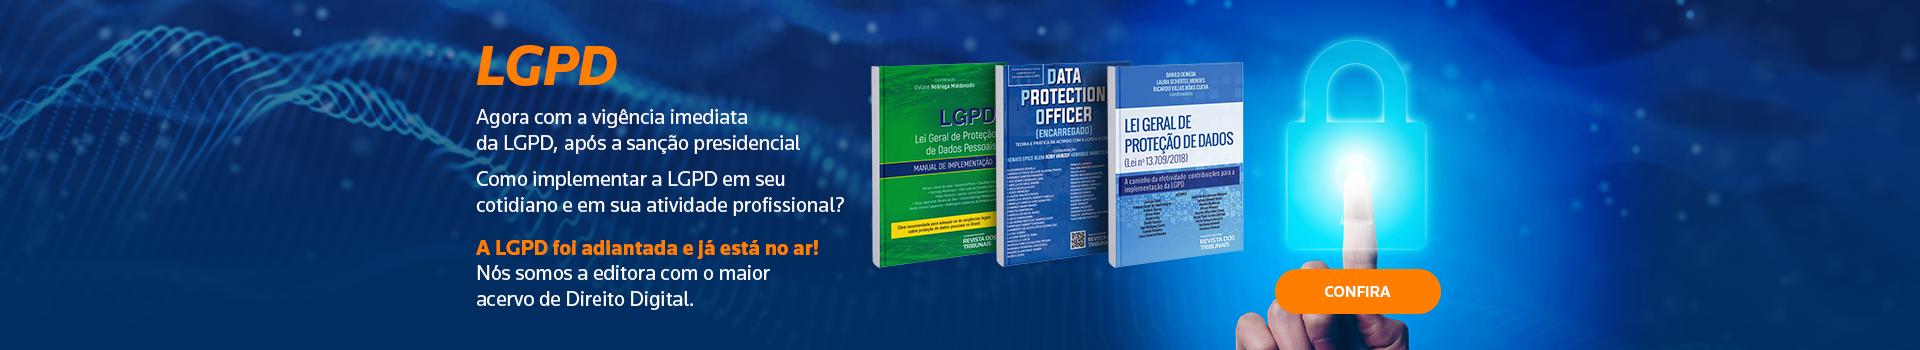 LGPD - Livros Digitais